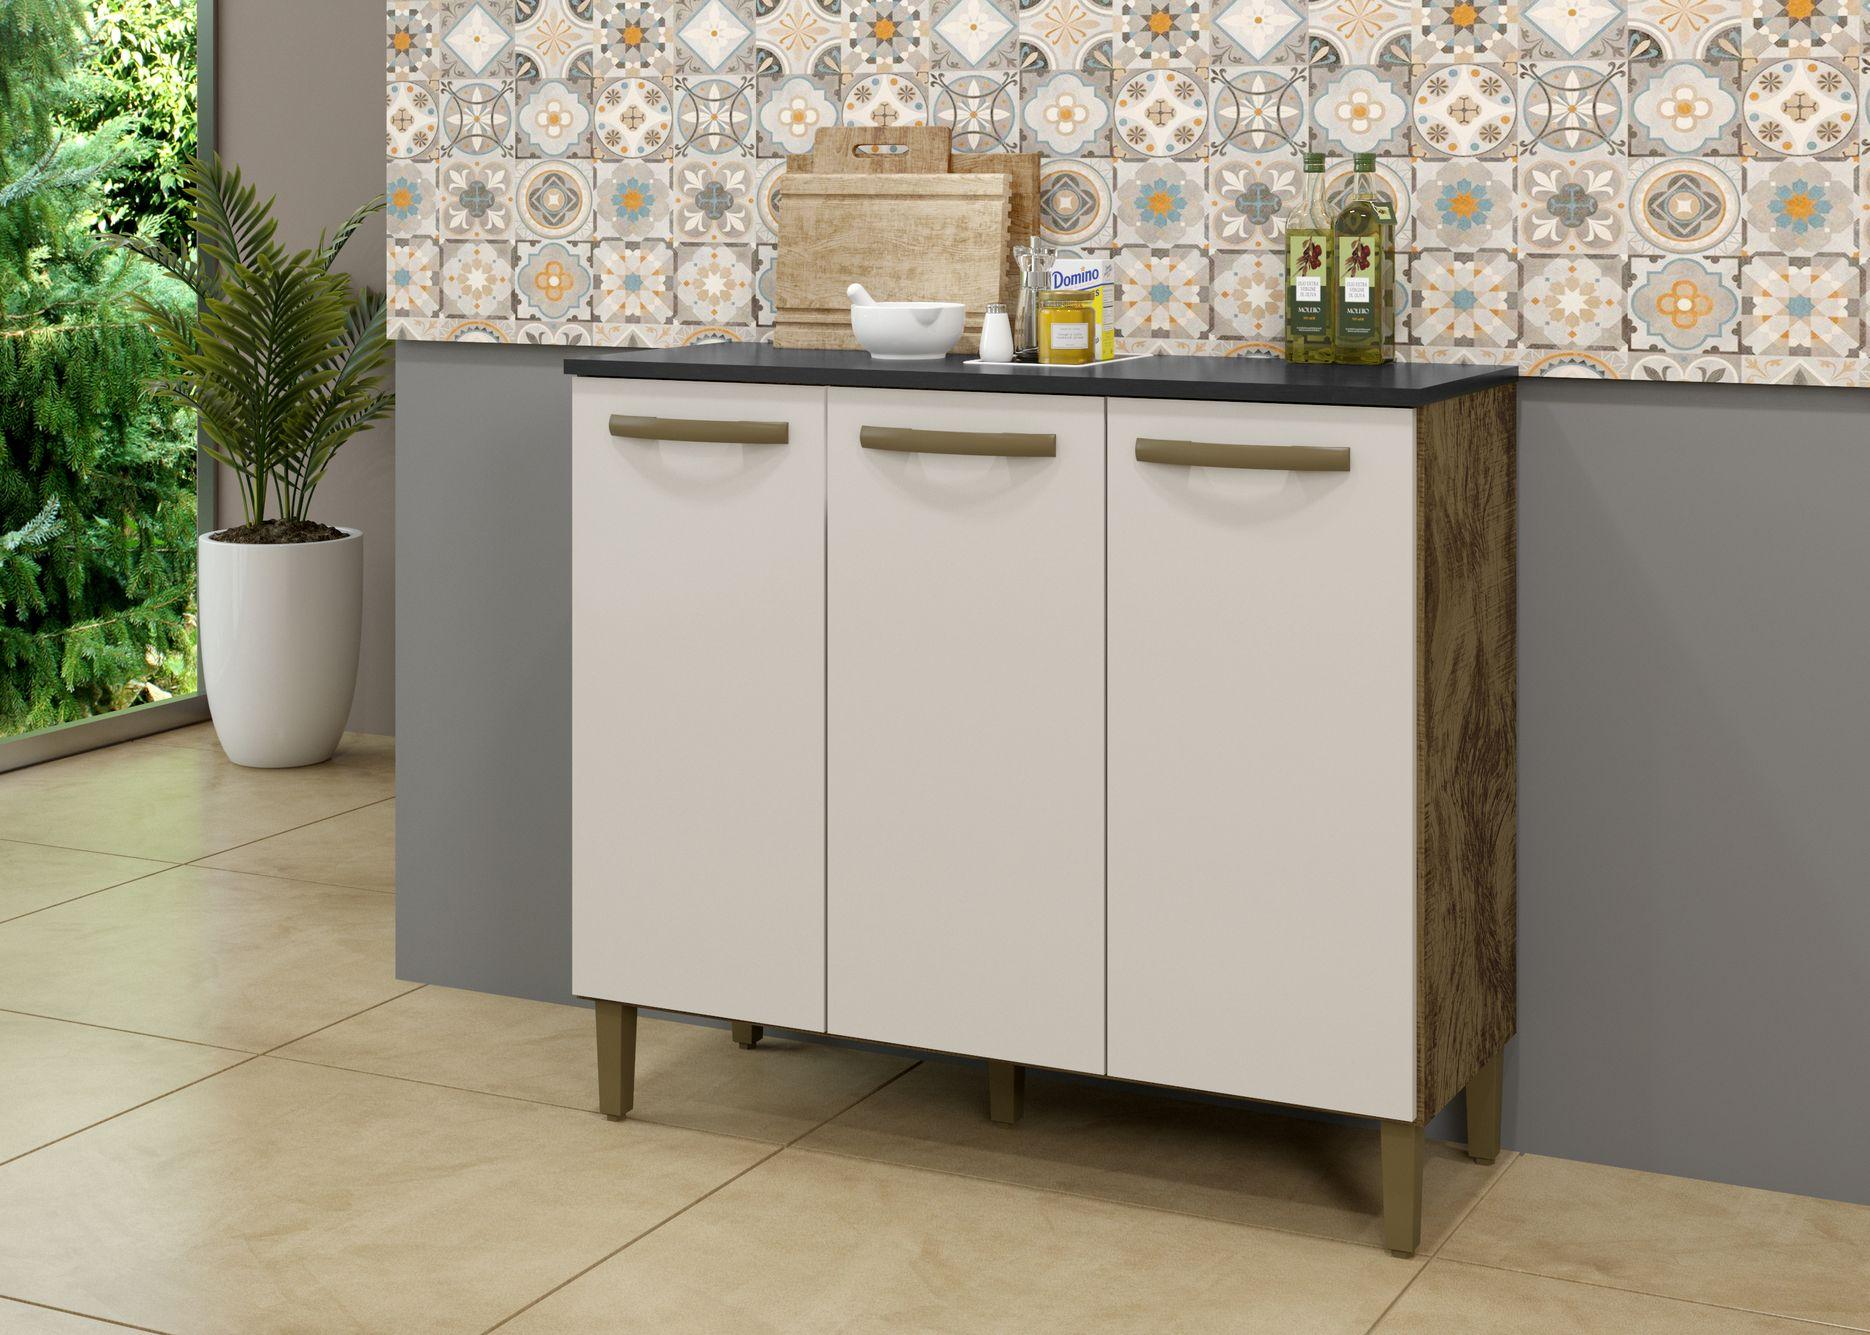 Balcão Vega Armário de Cozinha Utilitário Área Serviço Casa